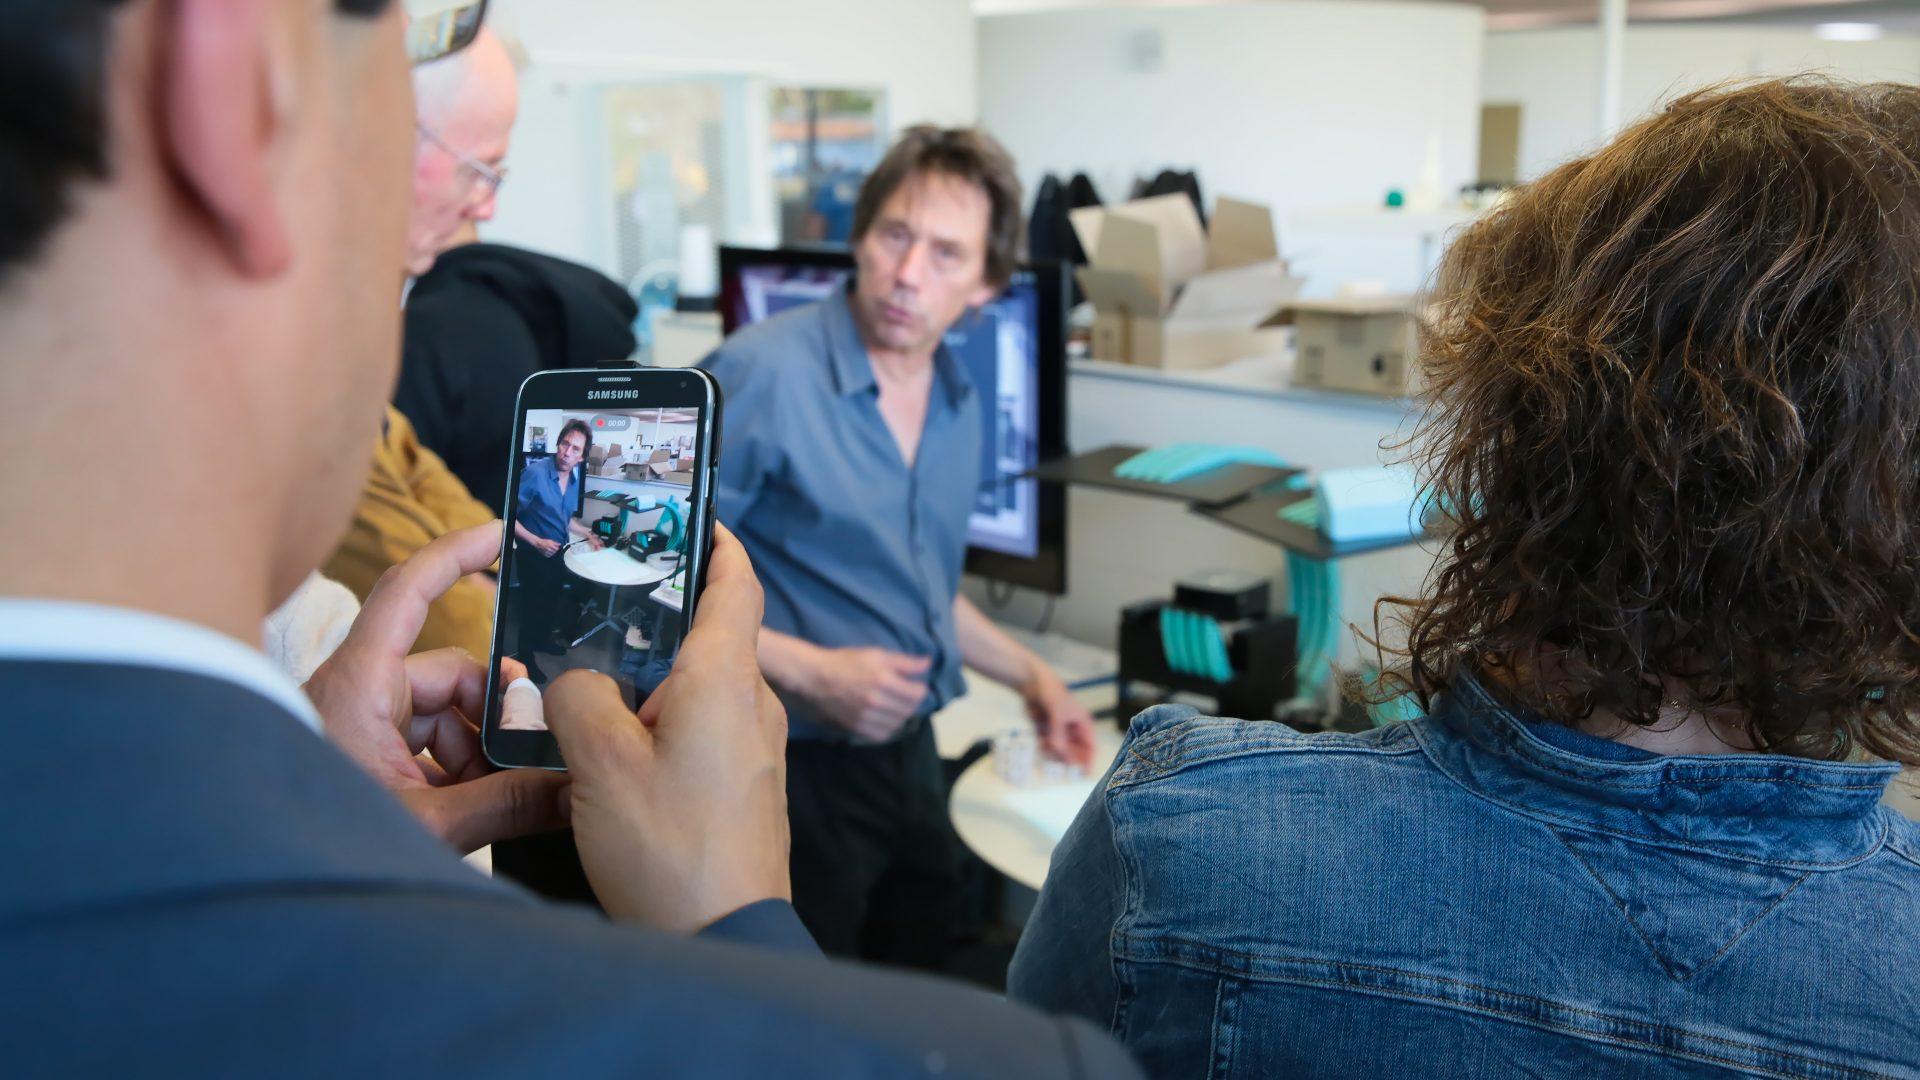 Visite des EPFL Alumni au laboratoire d'ergonomie éducative (CHILI) du prof. Pierre Dillenbourg. Au premier plan, une personne prend des photos avec un smartphone.